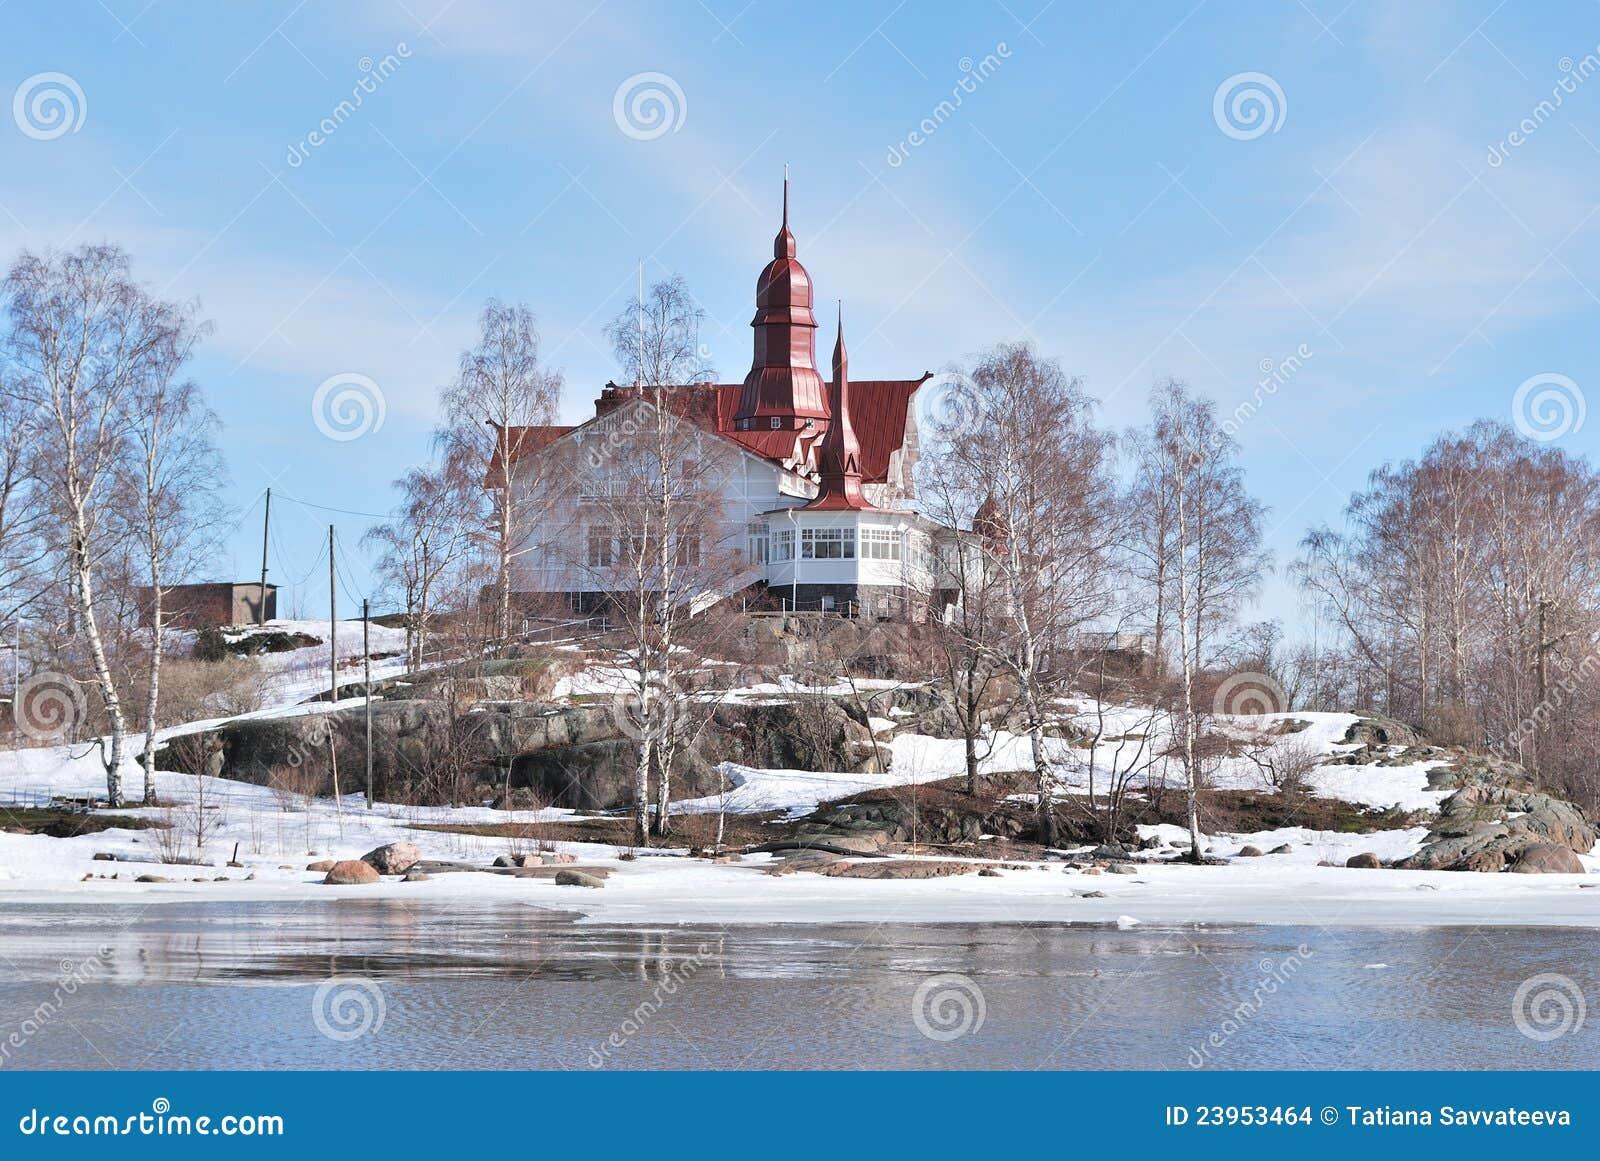 Helsinki. Île de Luoto